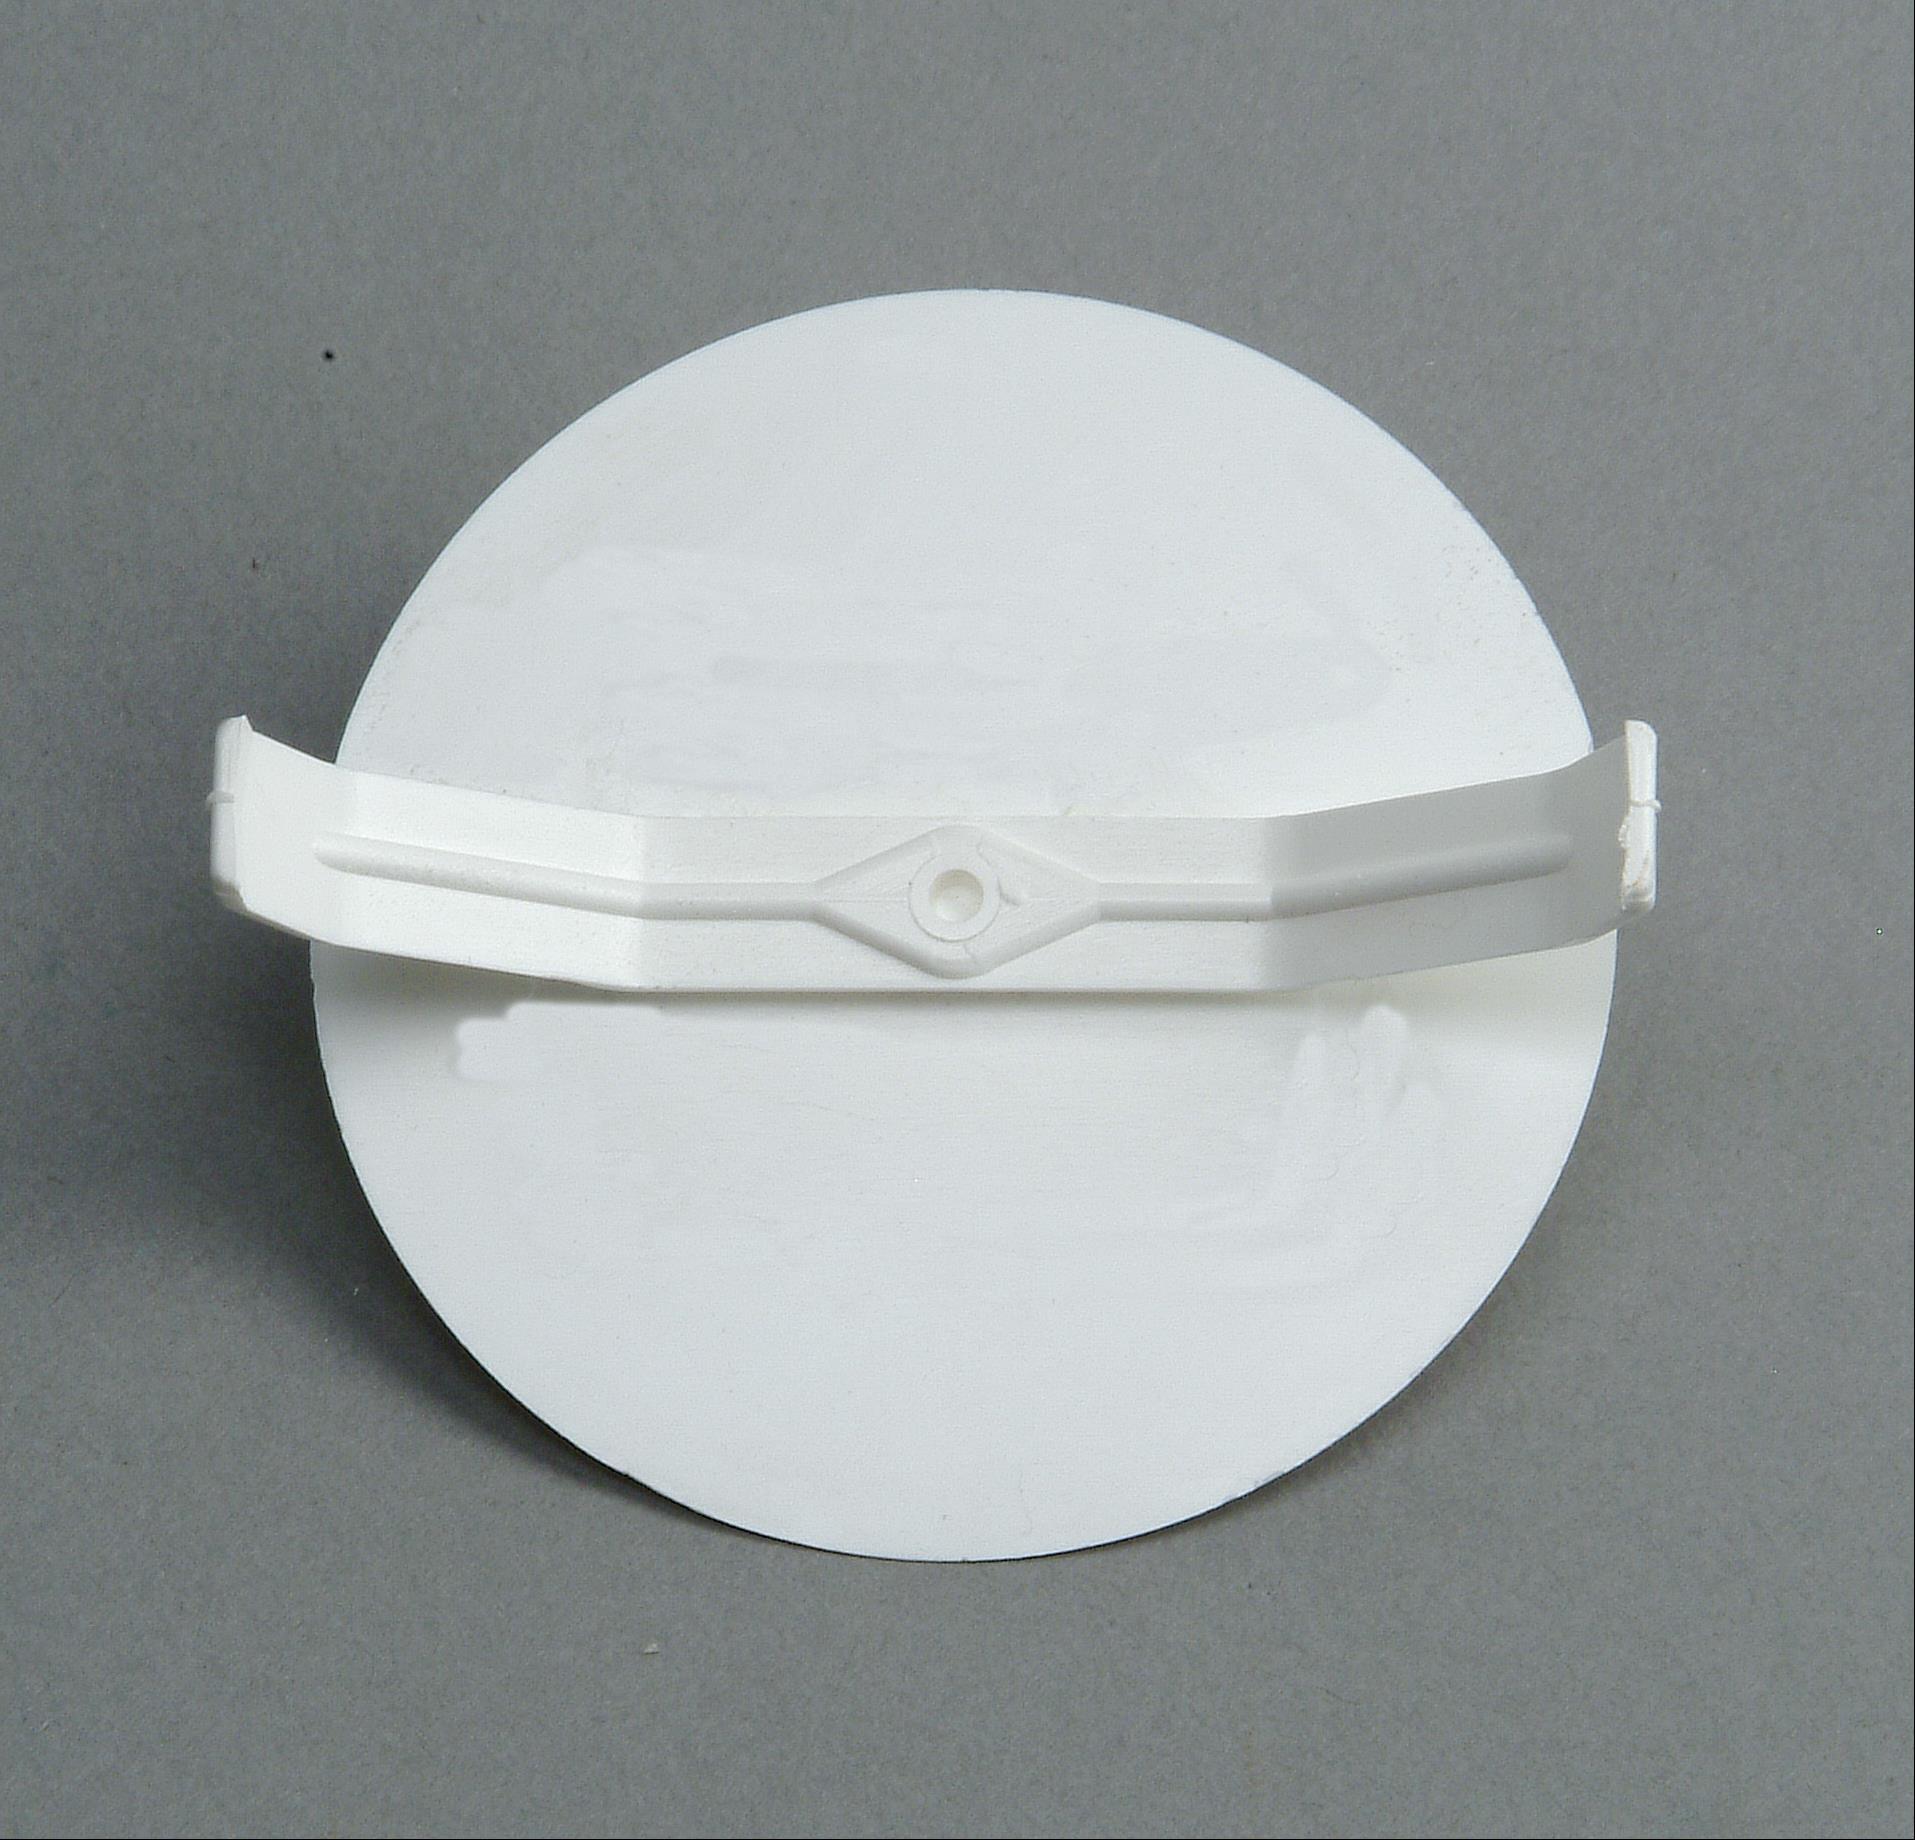 Kopp Federdeckel 60mm für Schalterdose weiß Bild 1